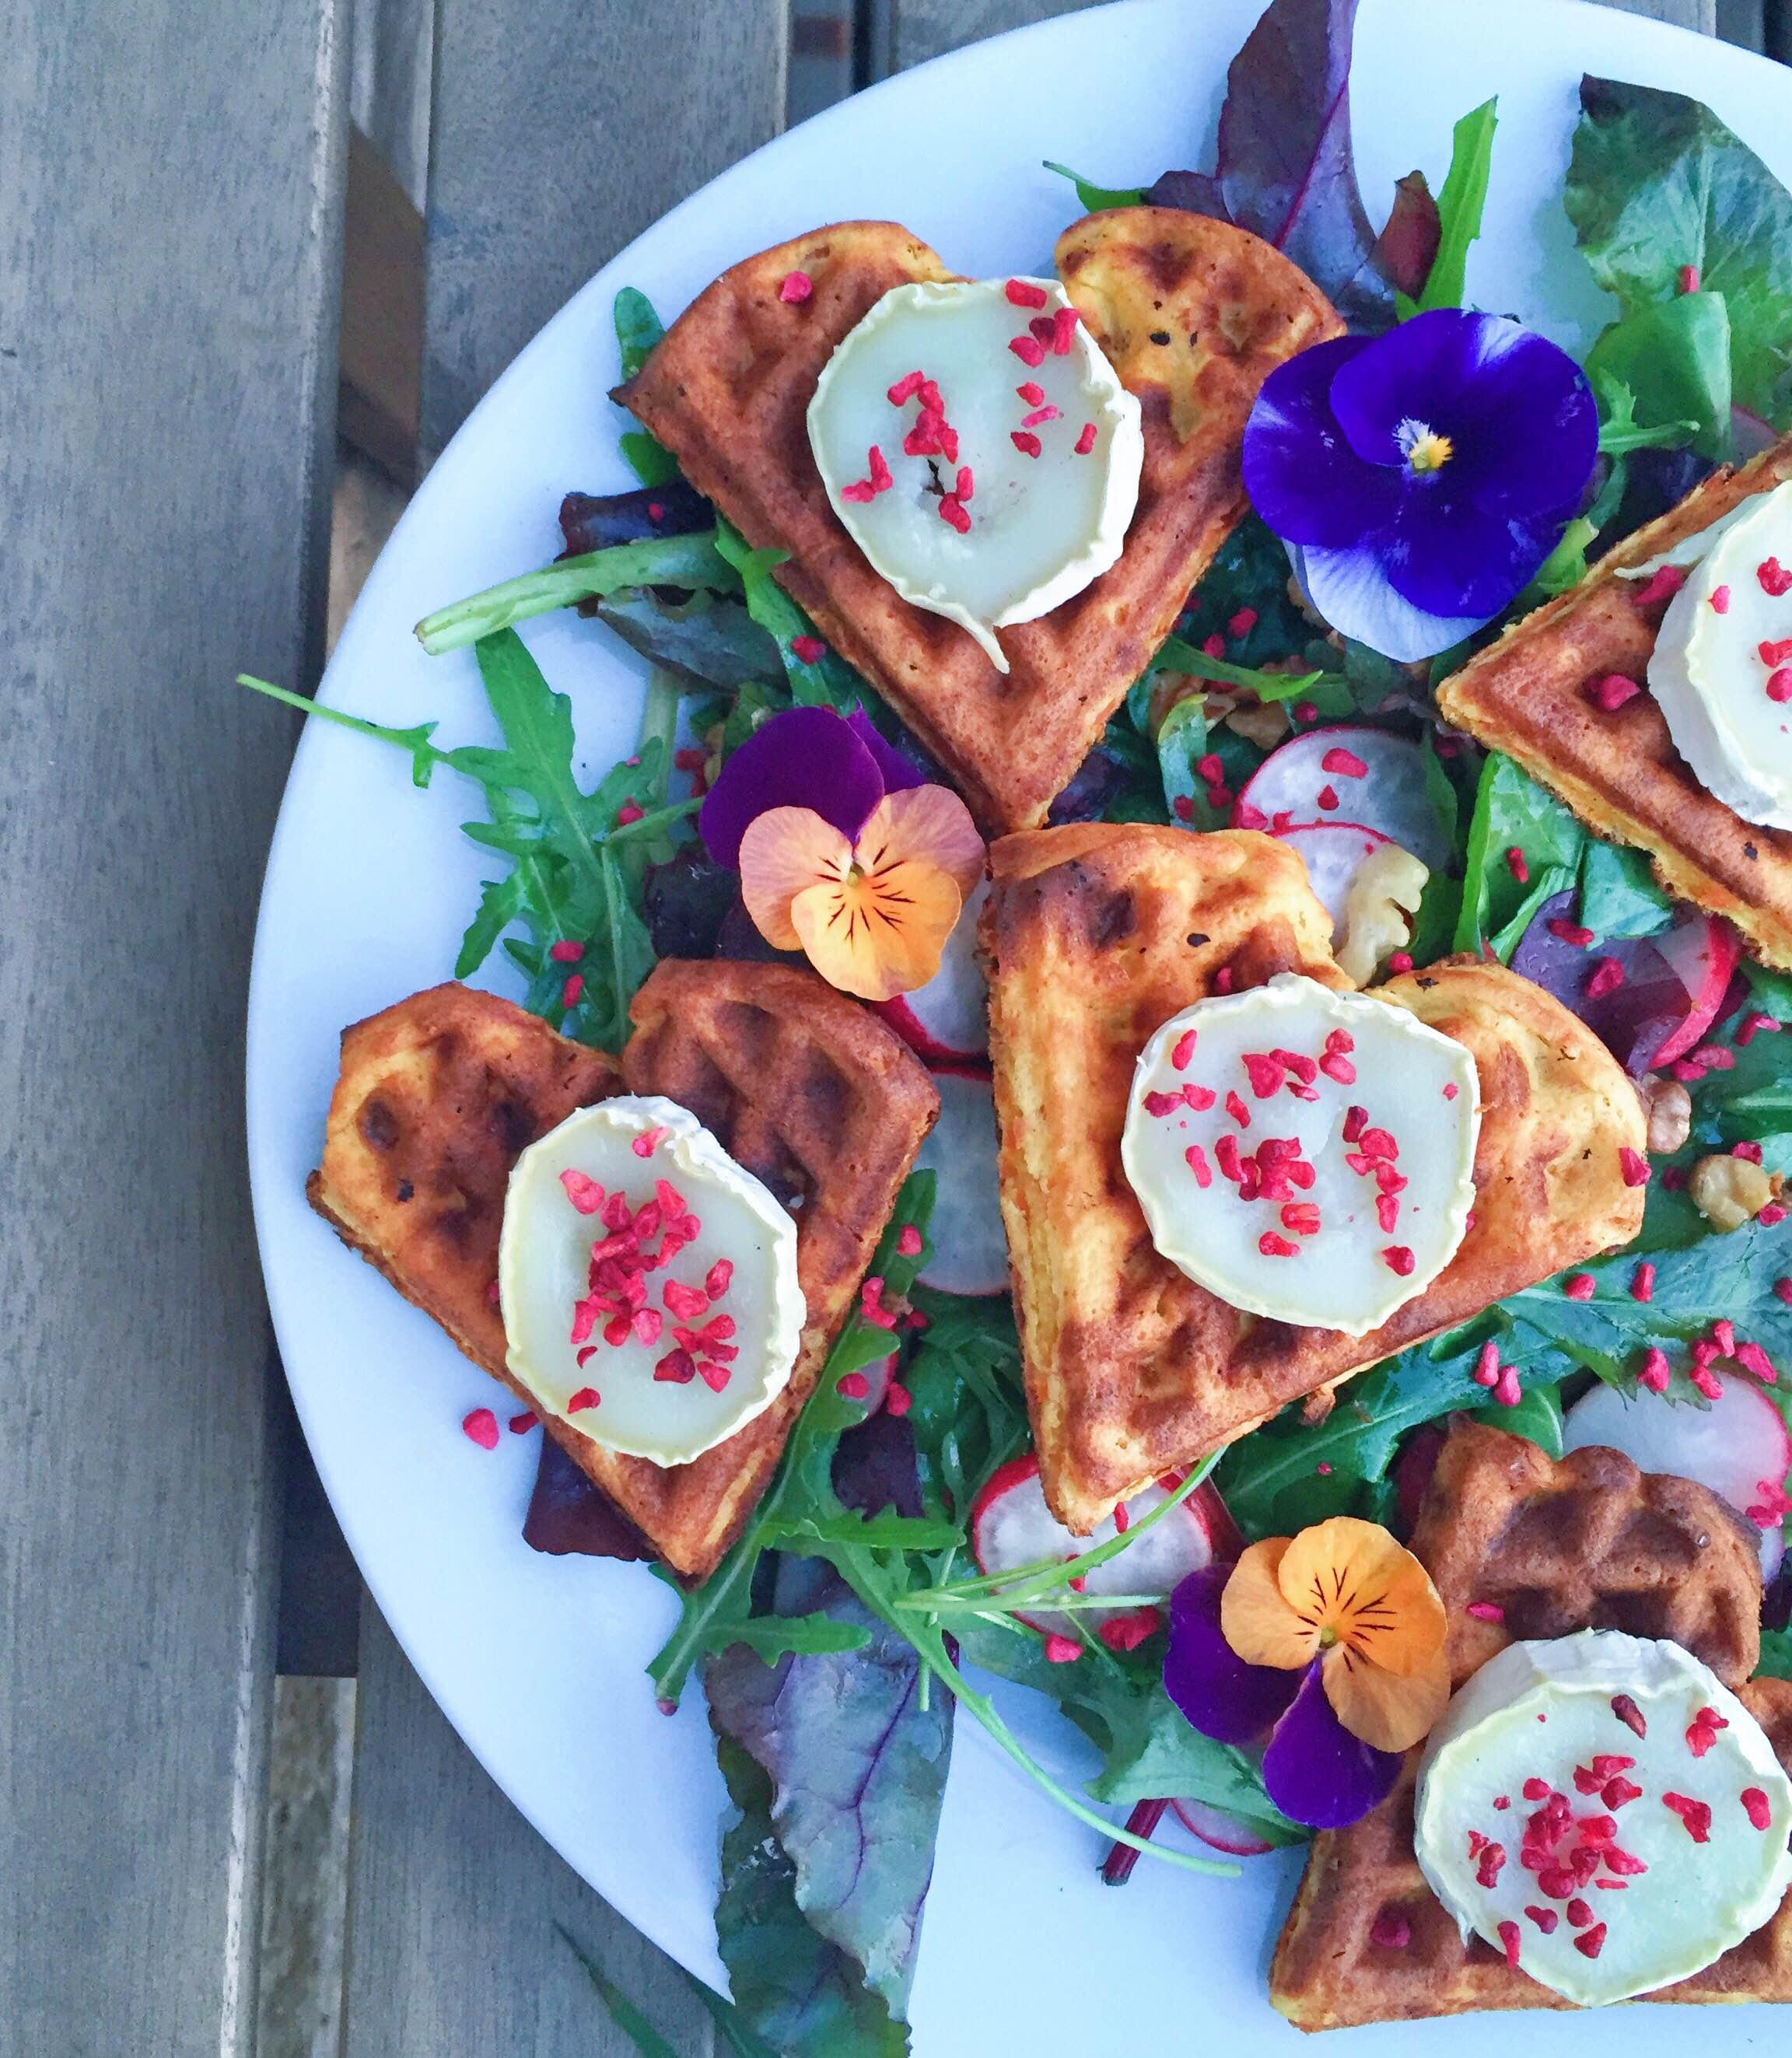 Sunde vafler til aftensmad på en gedeostsalat i stedet for brød. Med ruccola frysetørrede hindbær og balsamico